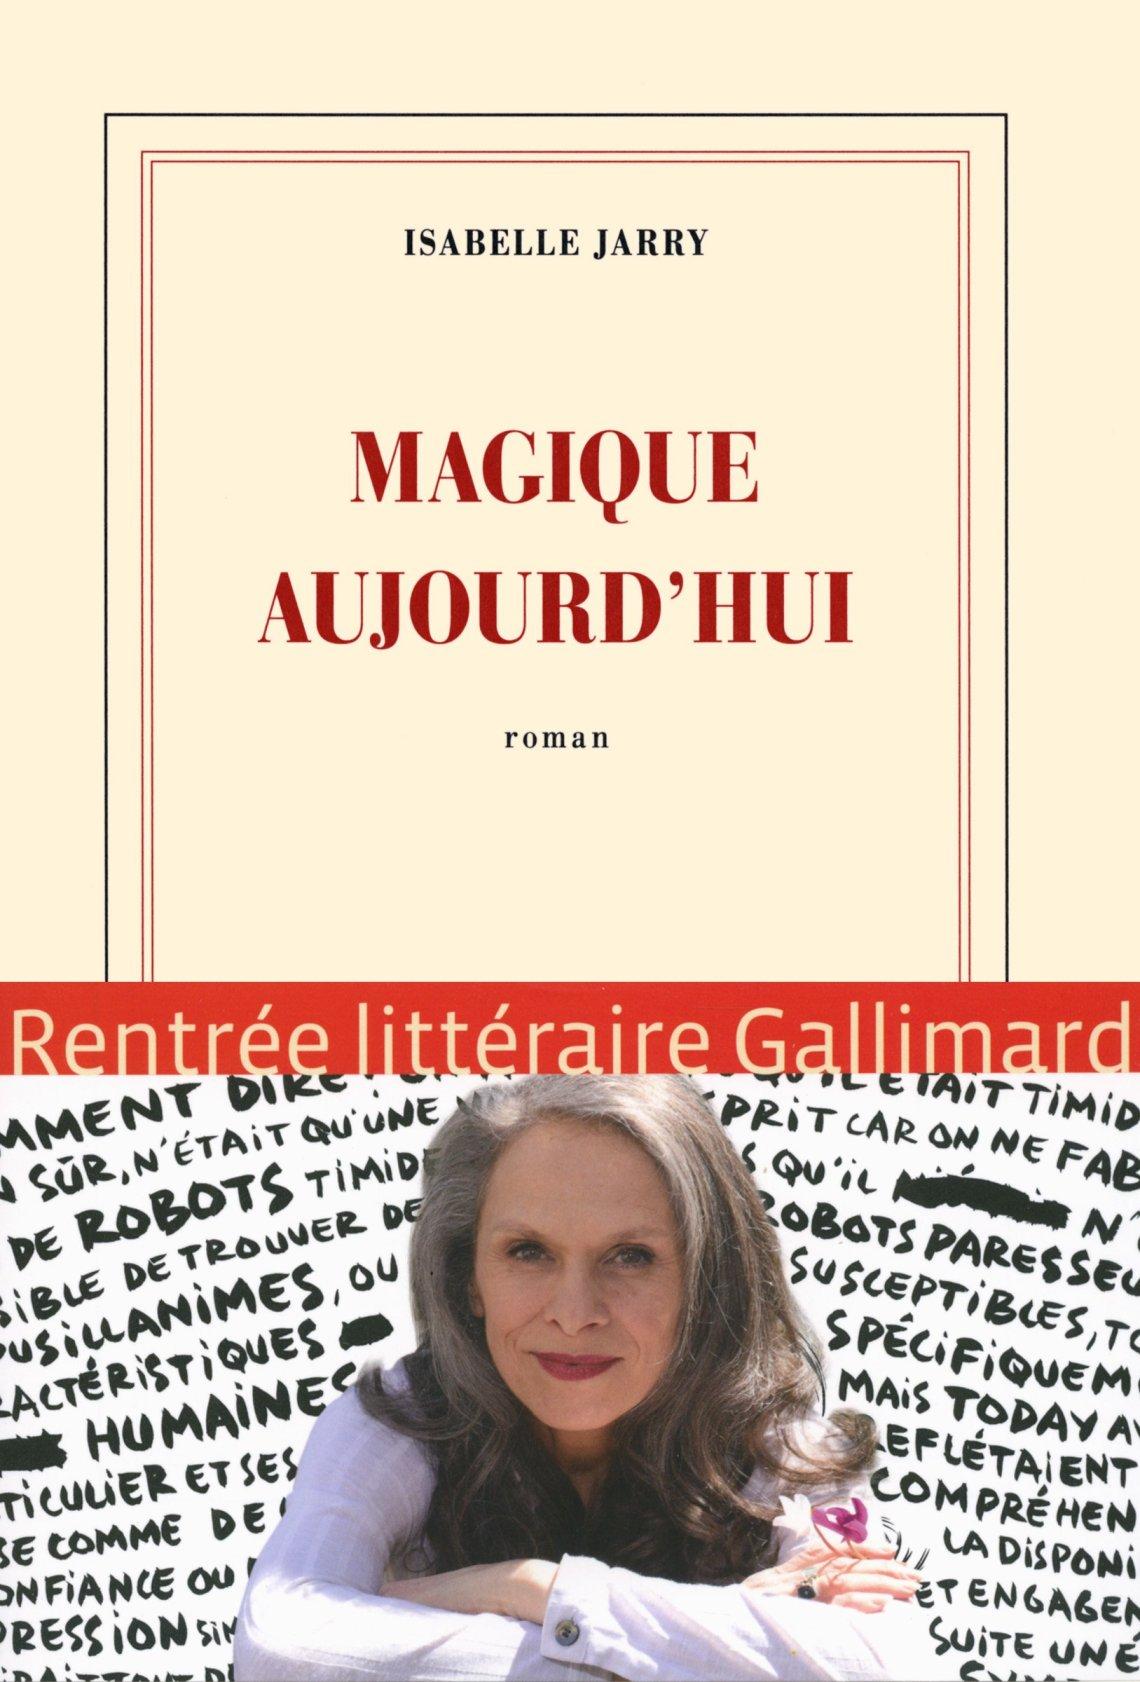 magiqueaujourdhui